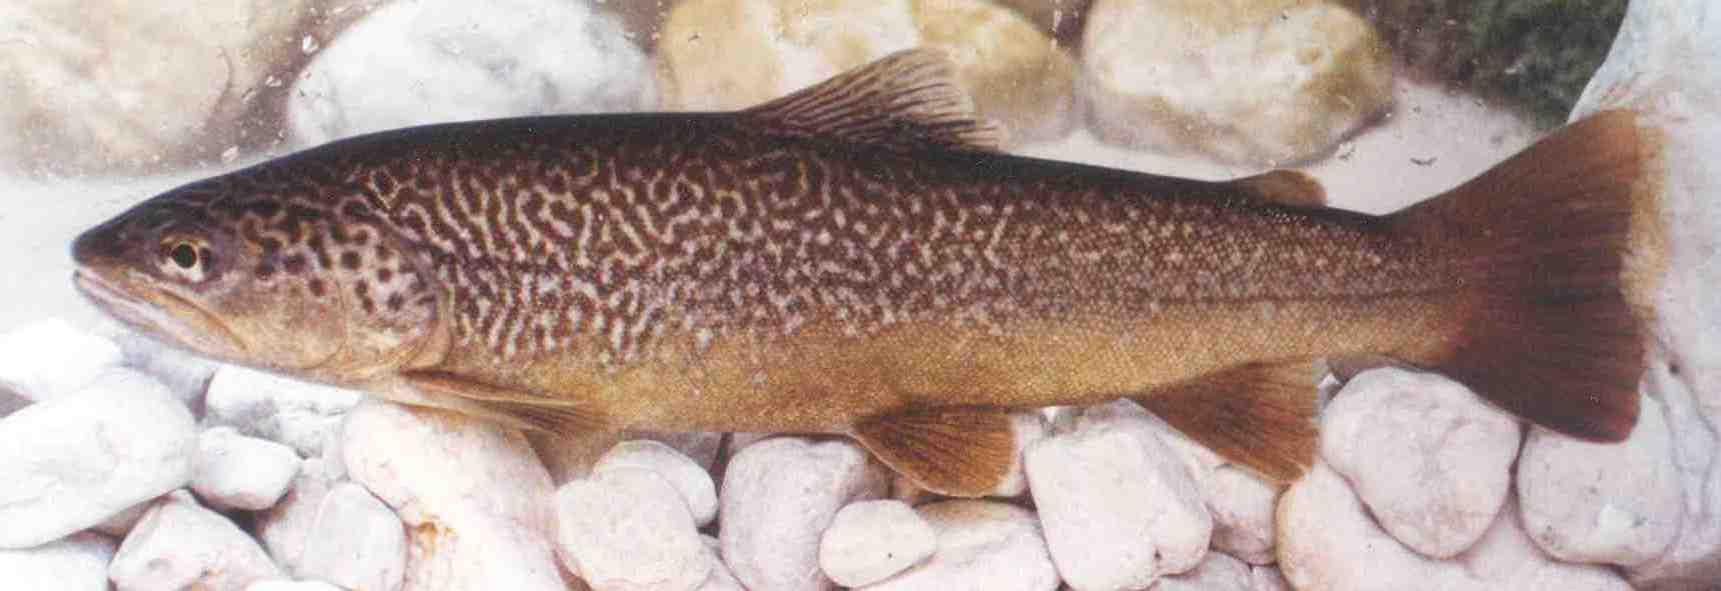 Zeta trout